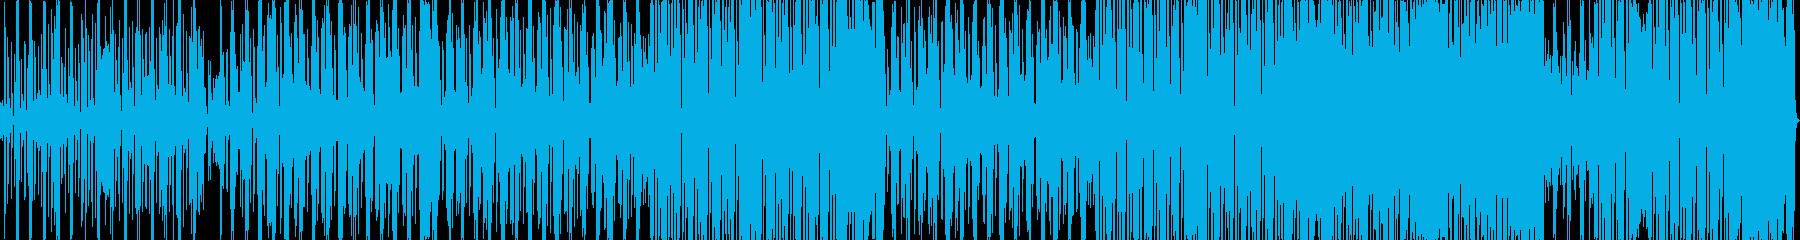 タンゴ風のテクノポップの再生済みの波形